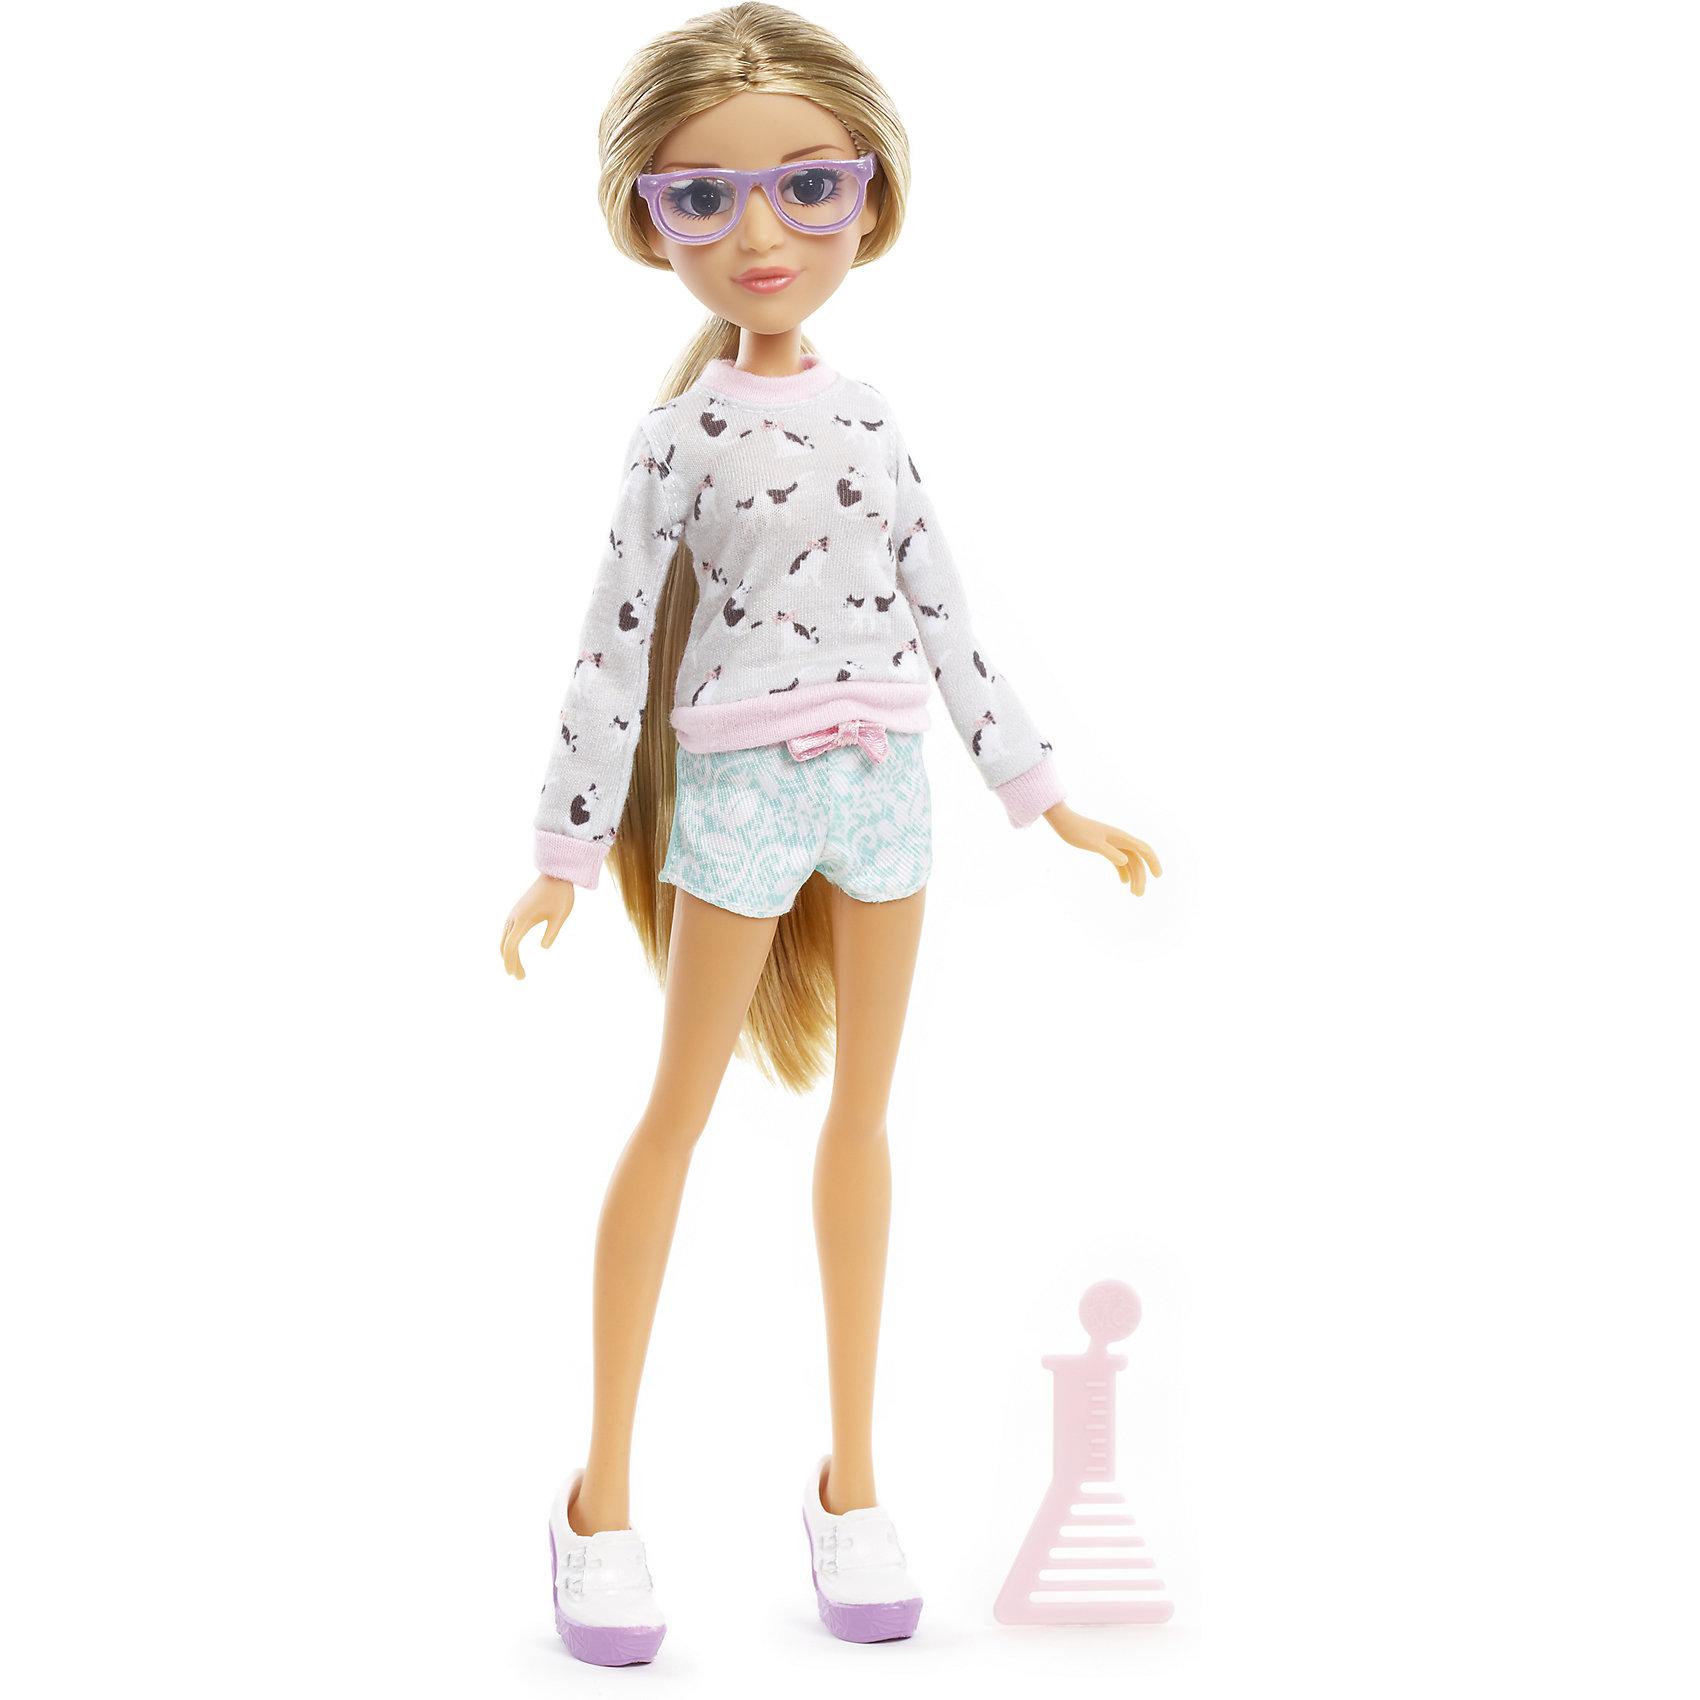 Базовая кукла Адрианна, Project MС2Бренды кукол<br>Базовая кукла Адрианна, Project MС2 (Проджект МСи2).<br><br>Характеристики:<br><br>• Размер куклы - 30 см.<br>• Вес: 0,2 кг.<br>• В комплекте: кукла, расческа.<br>• Материал: пластик, текстиль.<br>• Подвижные суставы: бедра, плечи, шея.<br><br>Кукла Адрианна – это героиня популярного сериала «Project MС2»,девизом которого является «Быть умной – модно!». Куколка  одета в стильный повседневный наряд. На ней  короткие голубые шортики и симпатичный бело-розовый свитер. Законченный вид образу придает обувь – белые ботиночки и очки розового цвета. Длинные реснички, очень «живые» глазки и выразительные черты лица – придают кукле реалистичный вид. Роскошные, вьющиеся белокурые  волосы ваша девочка сможет .расчесывать и укладывать в затейливые прически. Такая куколка станет желанным подарком для вашей девочки!<br><br>Базовую  куклу Адрианна, Project MС2, можно купить в нашем интернет – магазине.<br><br>Ширина мм: 180<br>Глубина мм: 330<br>Высота мм: 70<br>Вес г: 355<br>Возраст от месяцев: 72<br>Возраст до месяцев: 2147483647<br>Пол: Женский<br>Возраст: Детский<br>SKU: 5163446